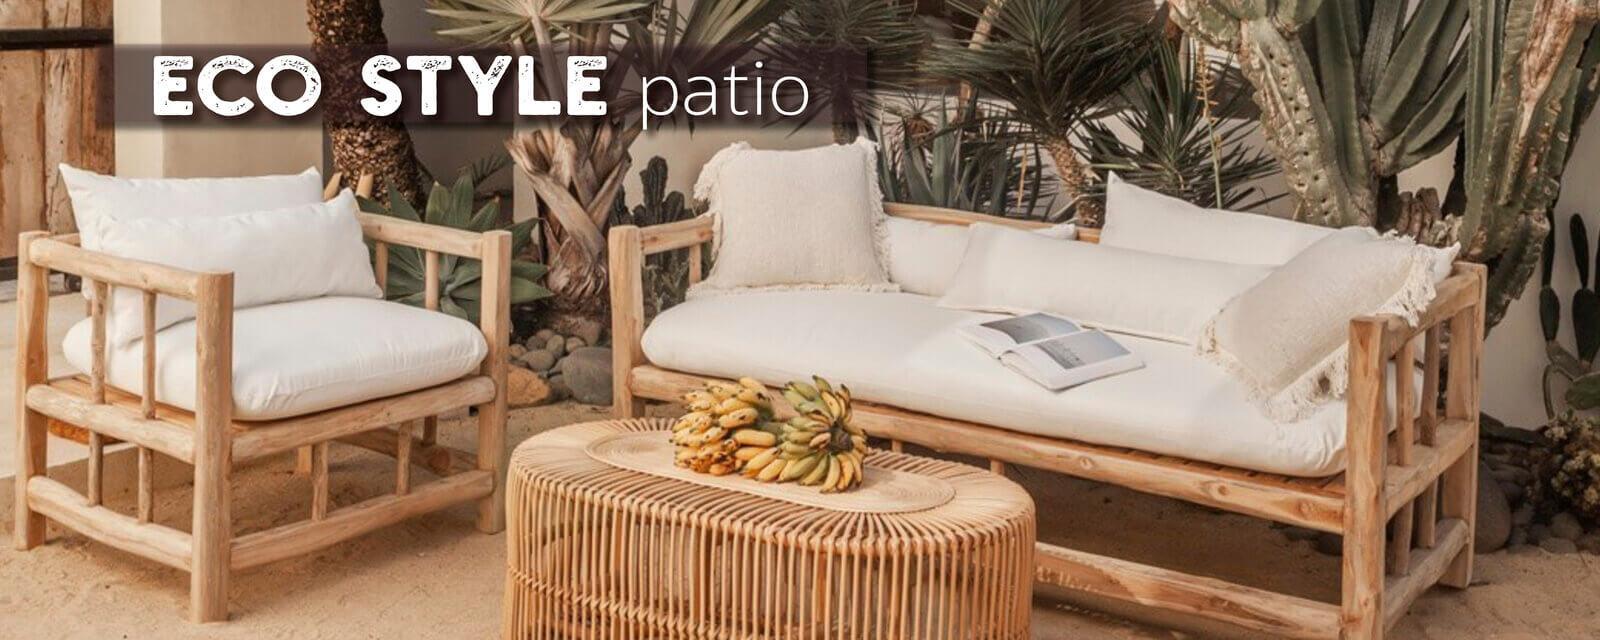 Eco Style | Patio